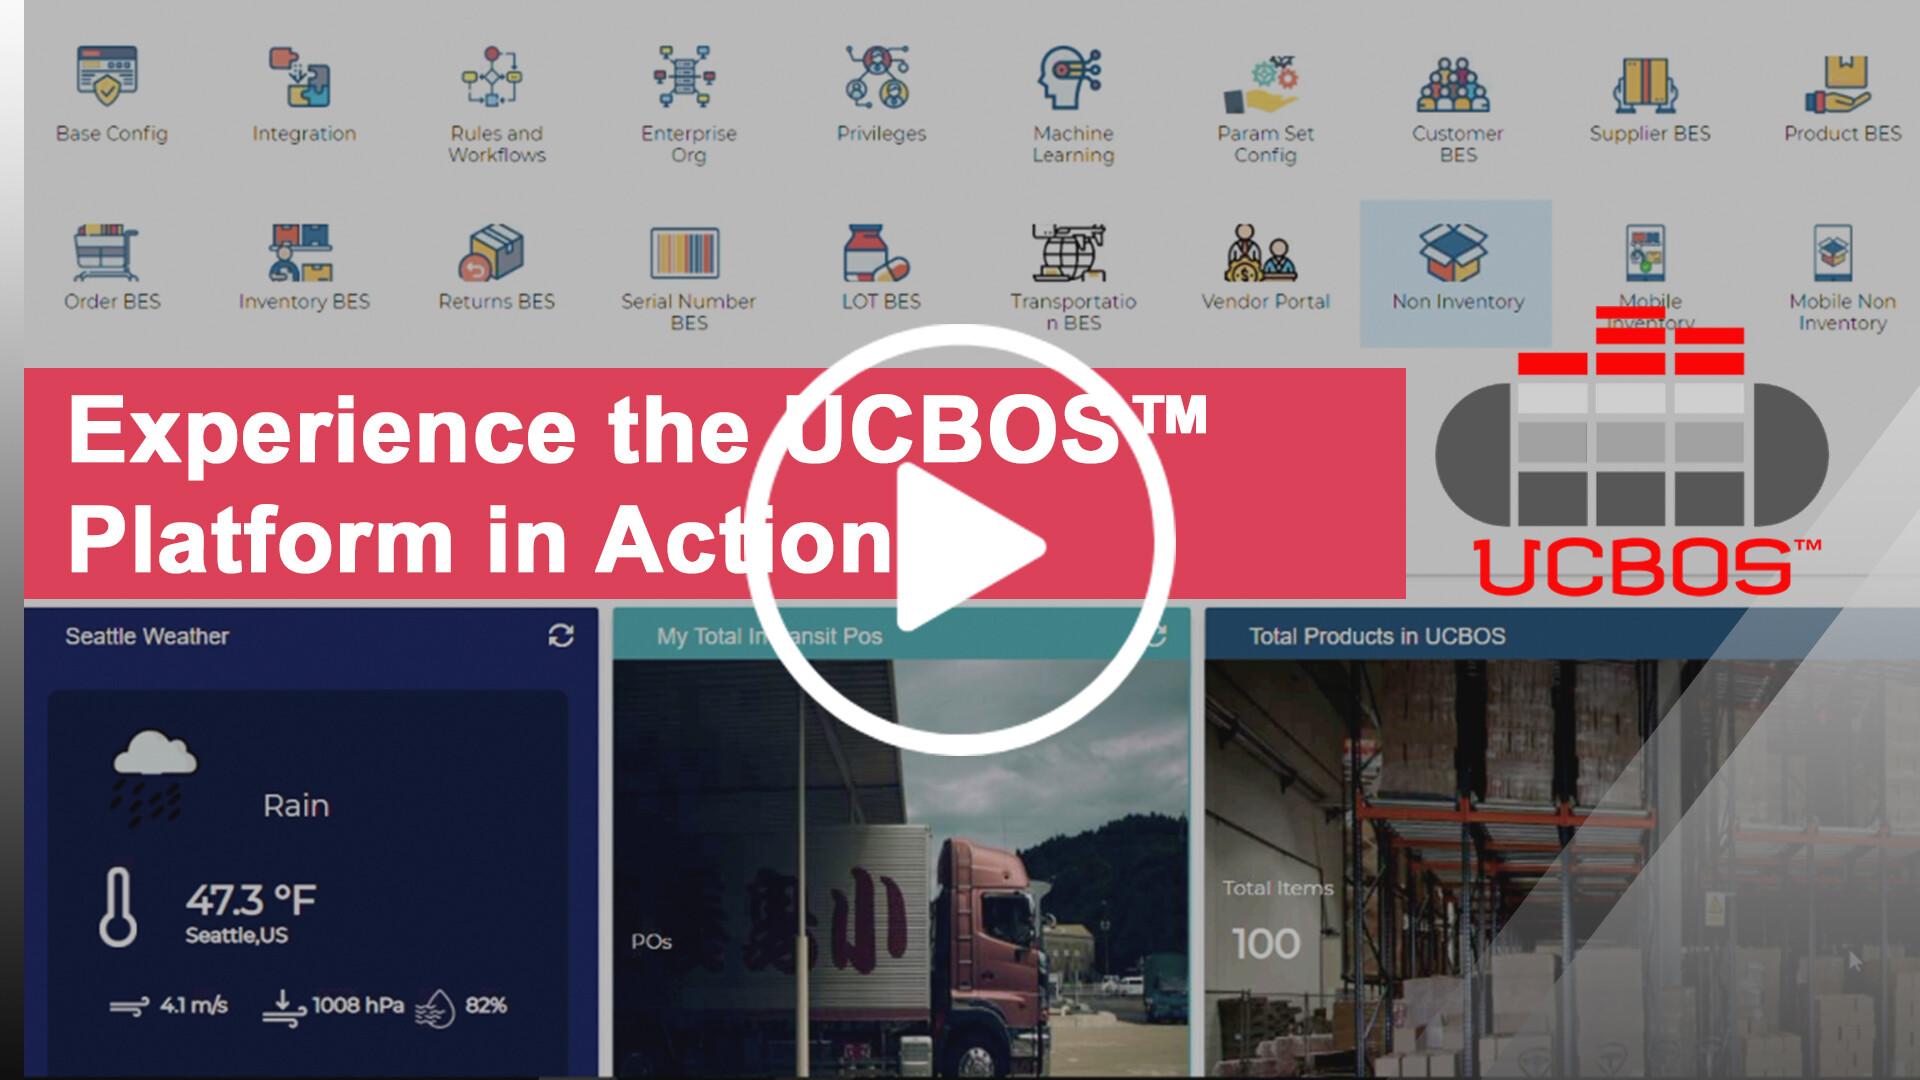 UCBOS Platform in action